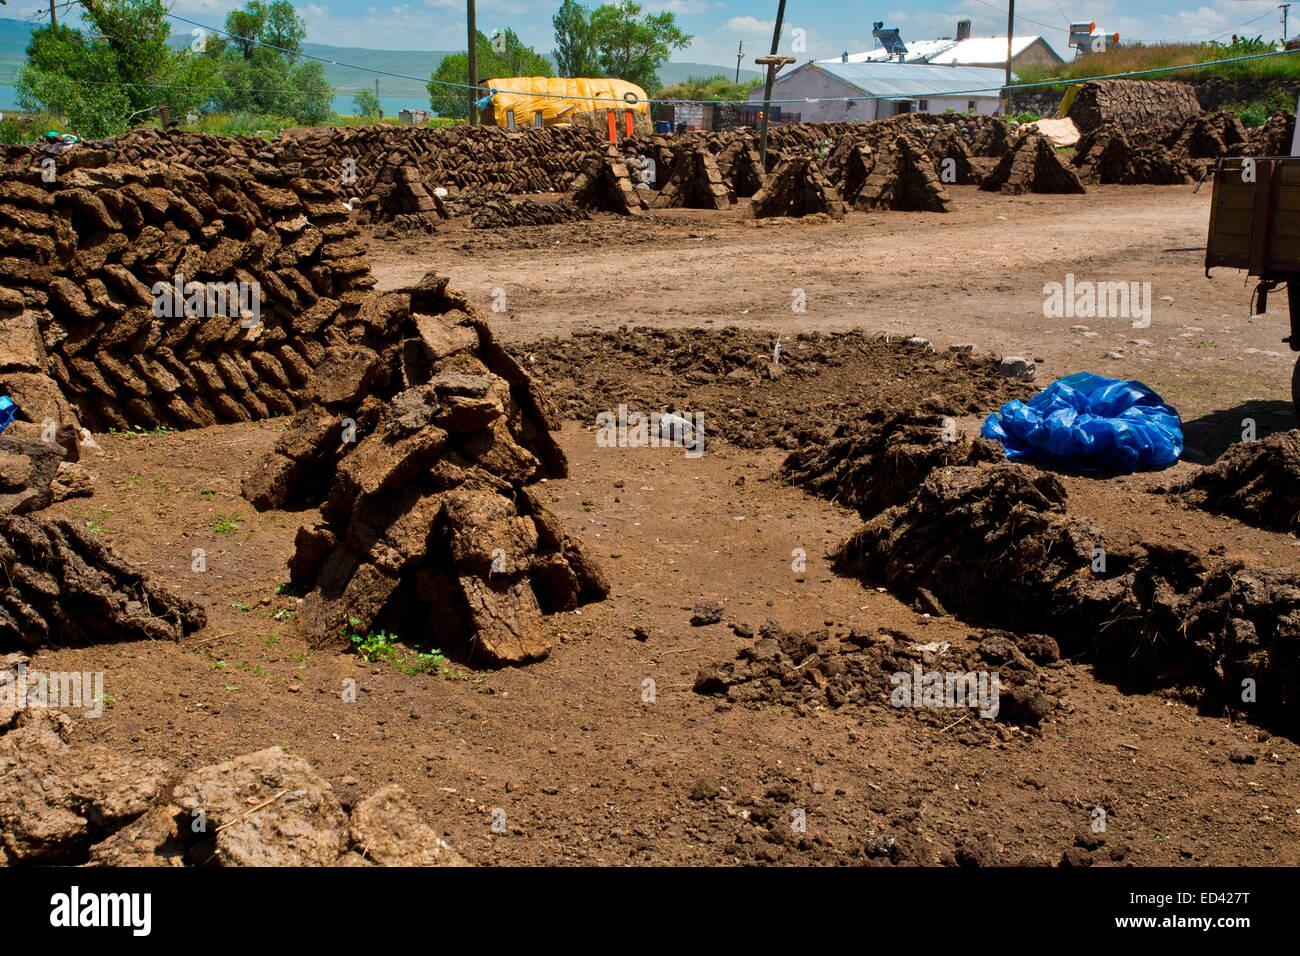 Drying manure for fuel In the remote village of Gulyuzu, by Cildir Golu Lake, far eastern Turkey - Stock Image